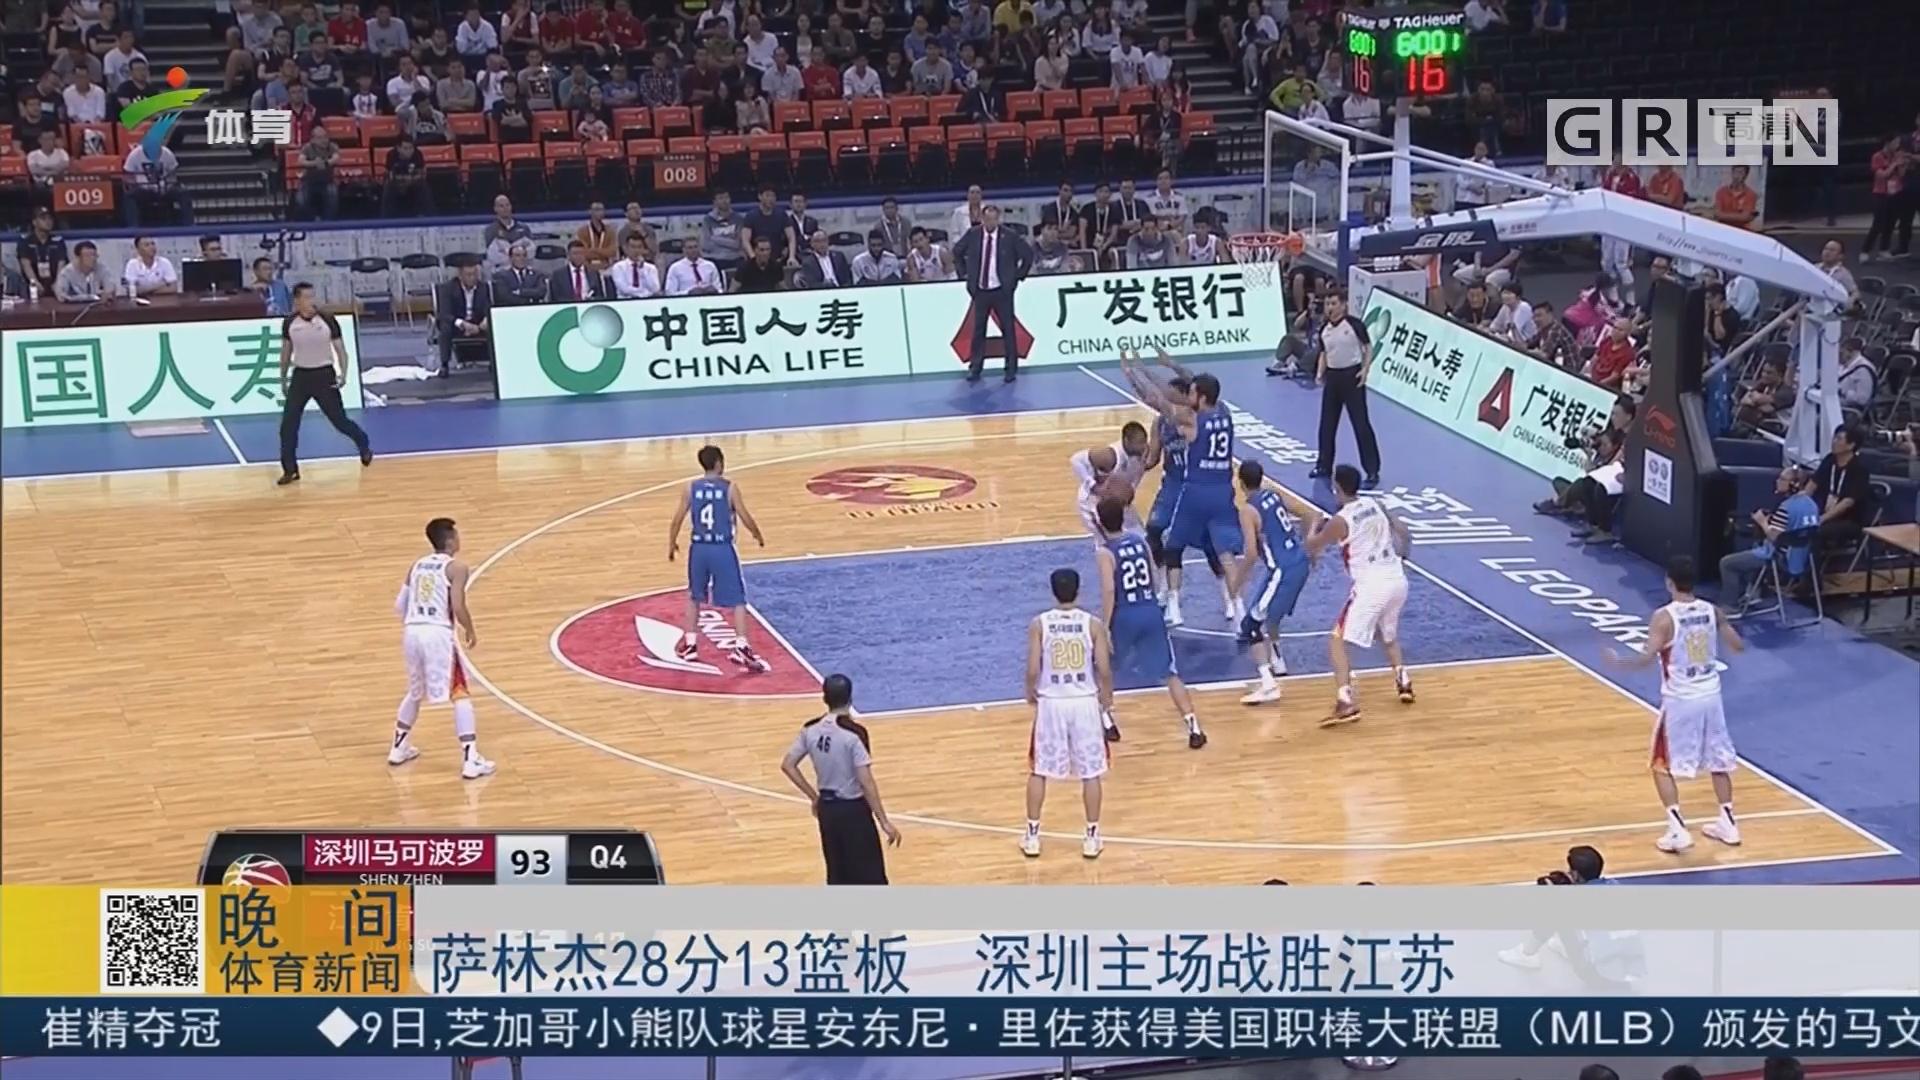 萨林杰28分13篮板 深圳主场战胜江苏